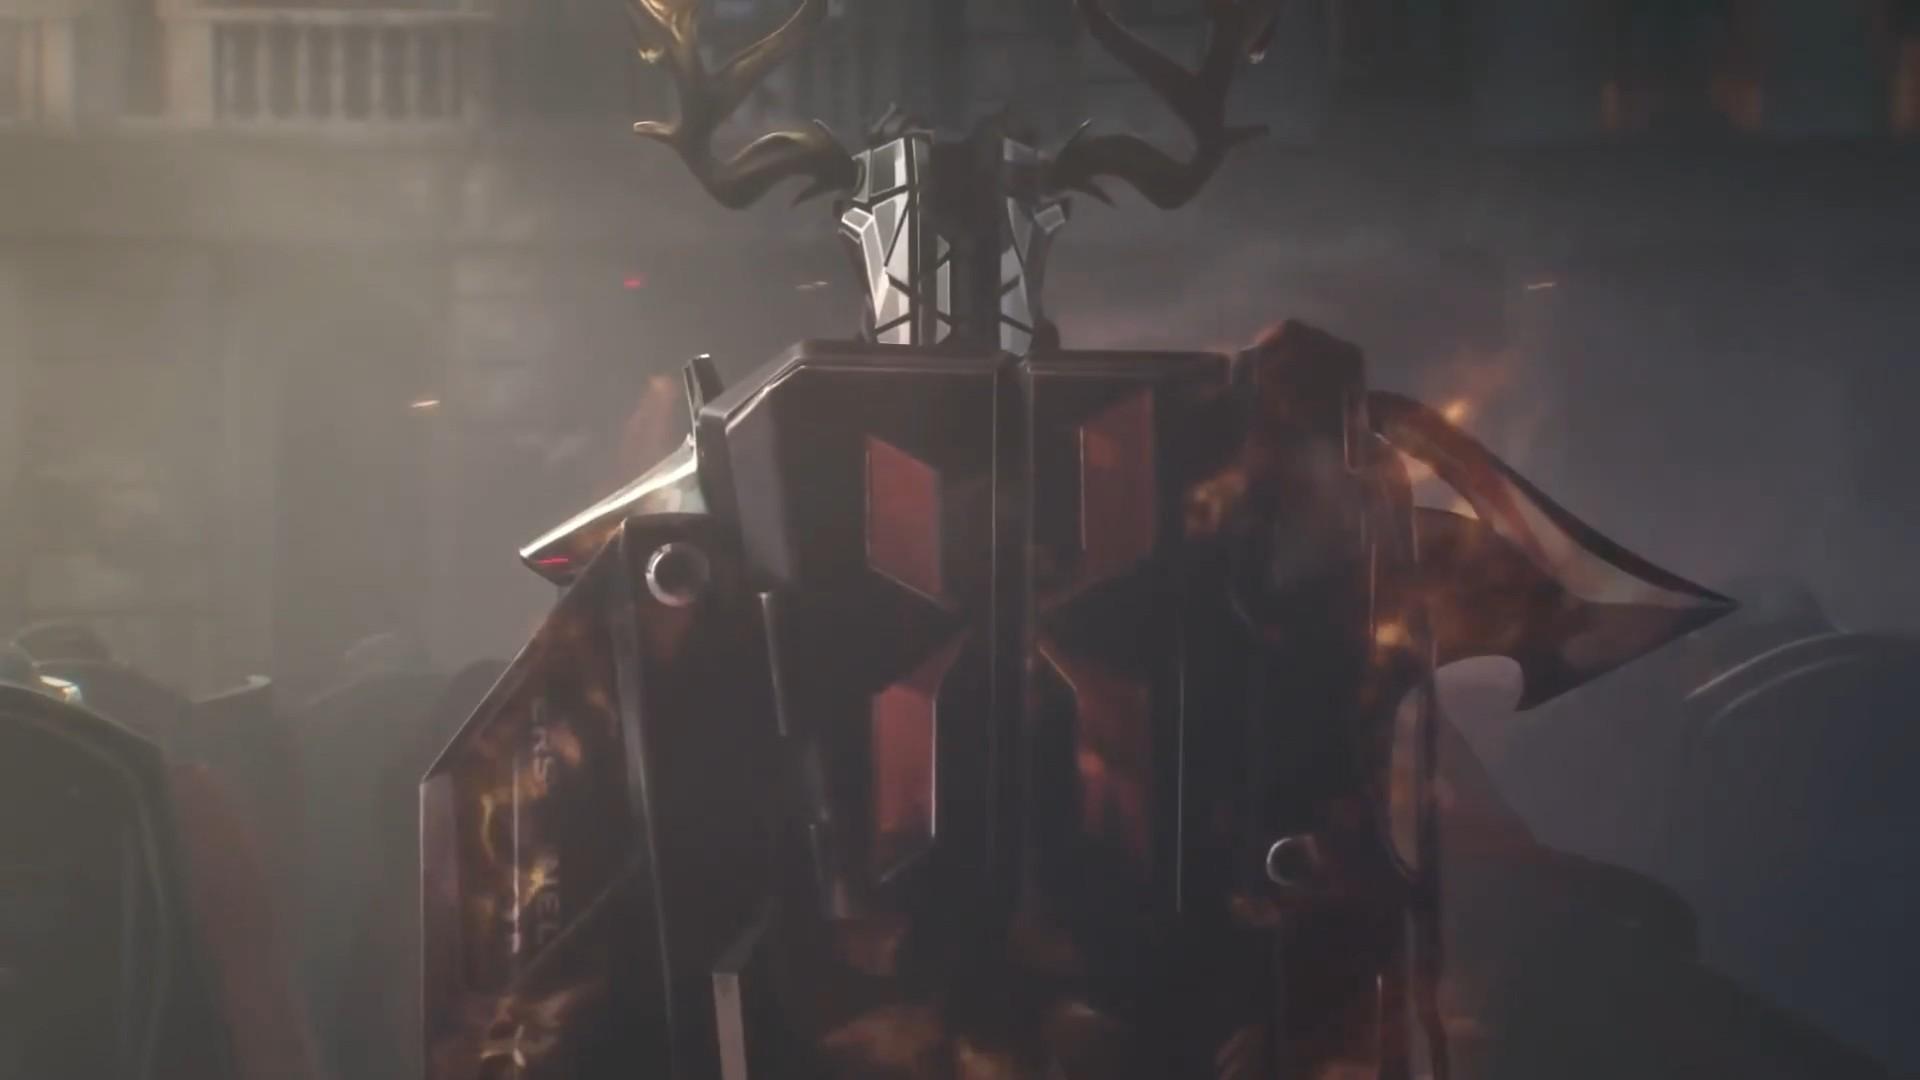 【资讯】外服《明日方舟》第7章3D动画MV公开